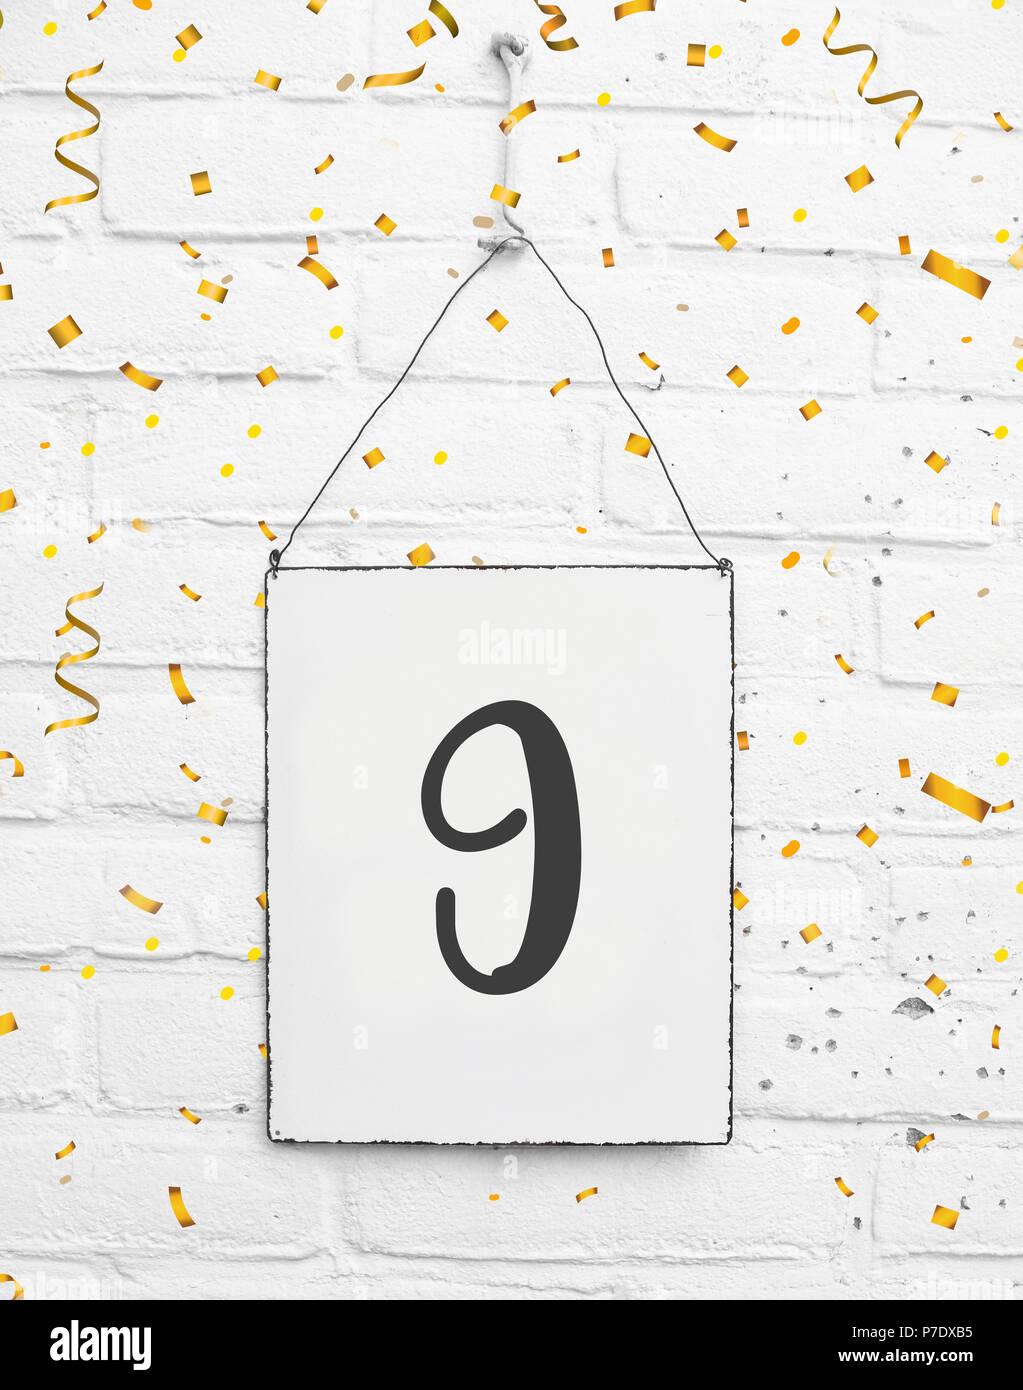 9 Ans Carte Anniversaire Texte Avec Golden Confettis Numero 9